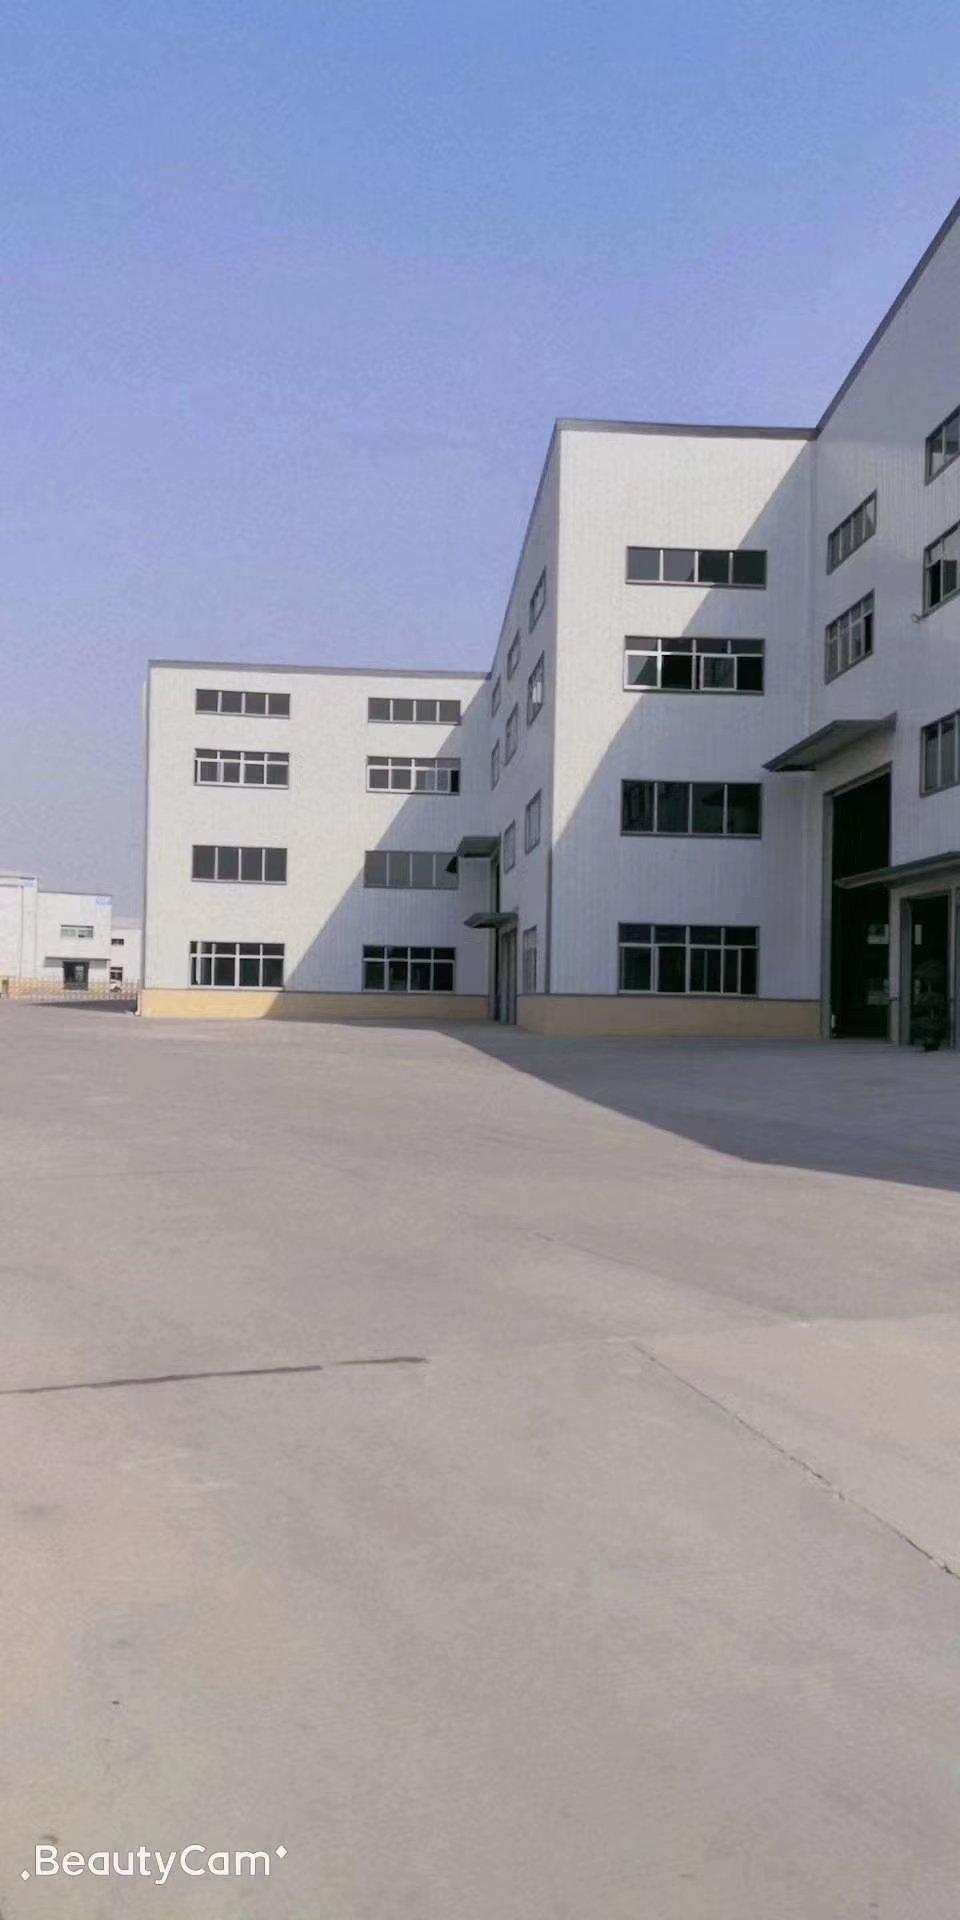 茶山镇高新科技产业园10万平方超大钢构, 现只剩6号两层